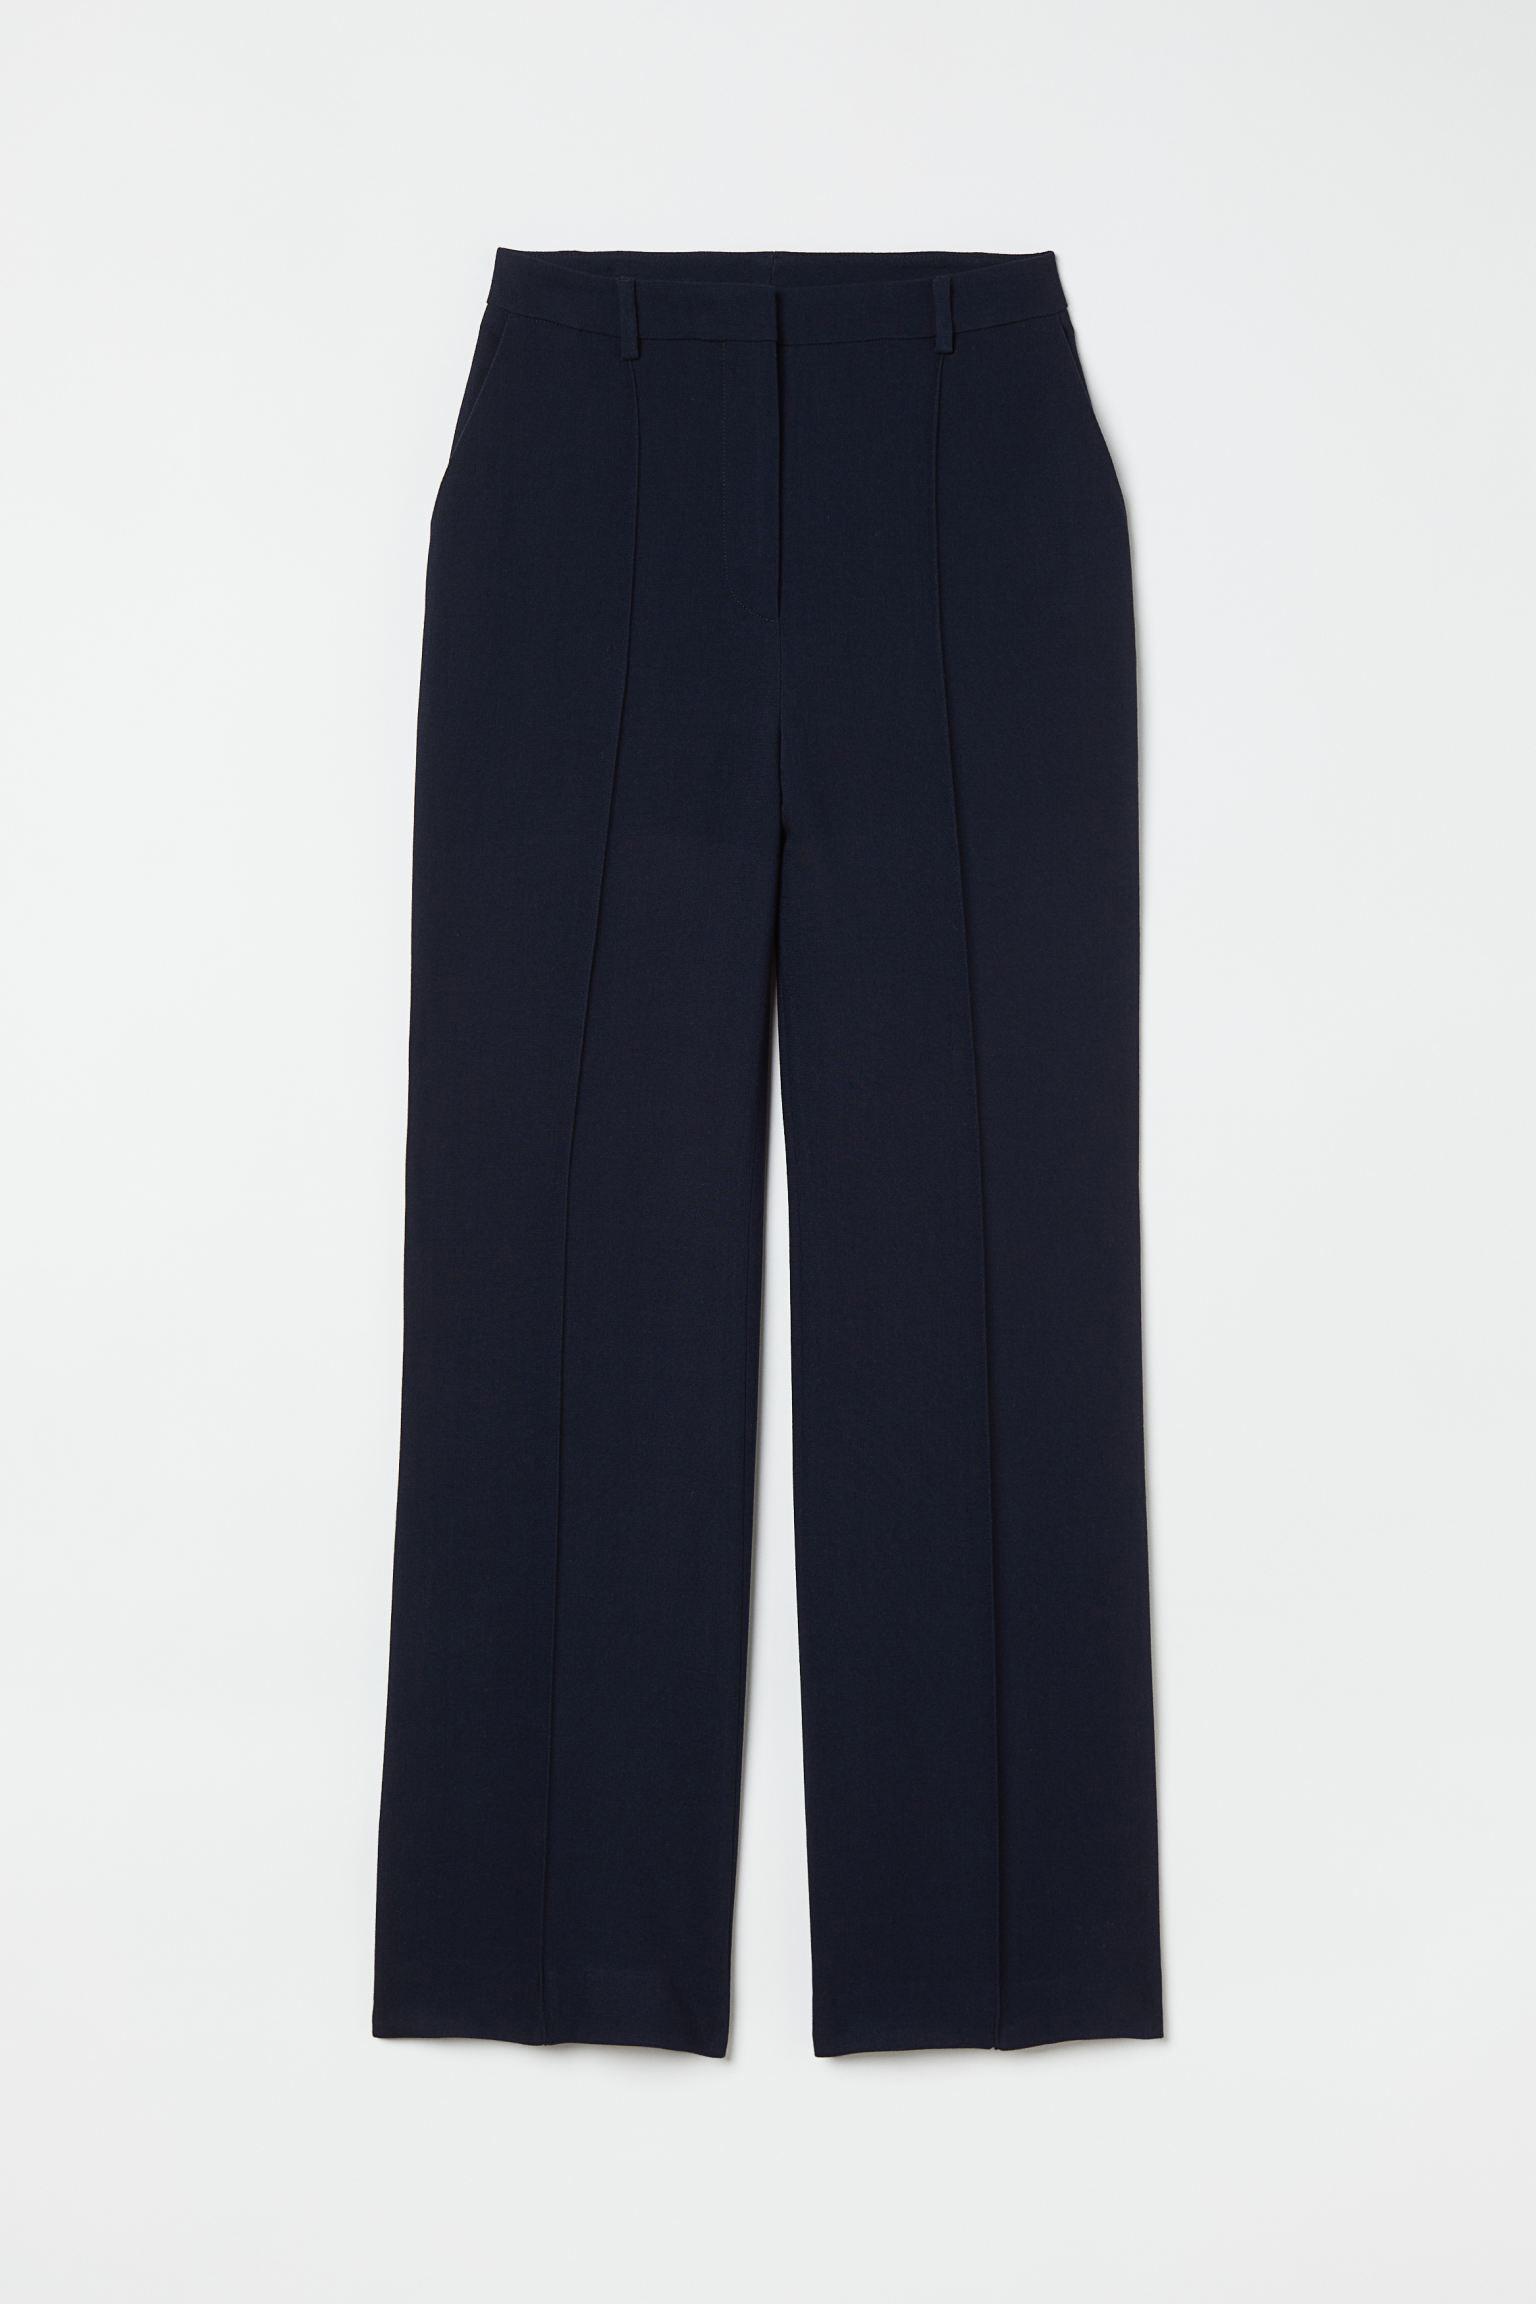 Pantalón de traje con lana azul noche, H&M (89,99 euros).